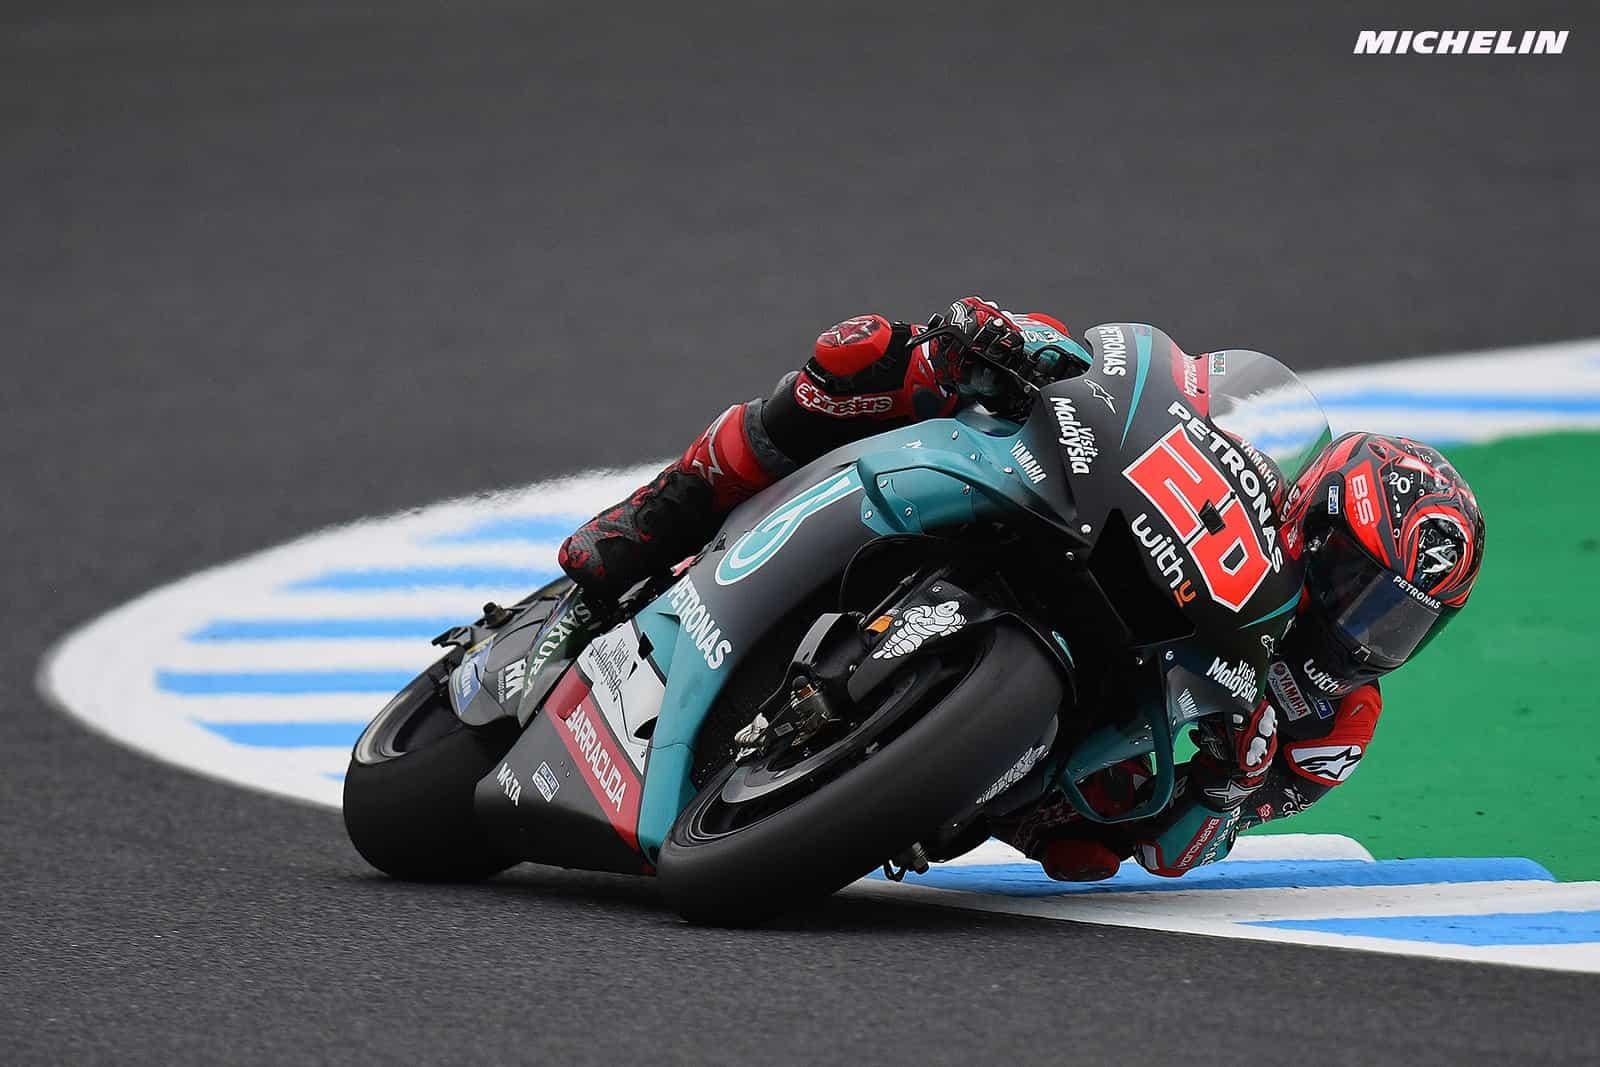 MotoGP2019オーストラリアGP 予選2位クアルタラロ「既にタイヤチョイスは決まっている」